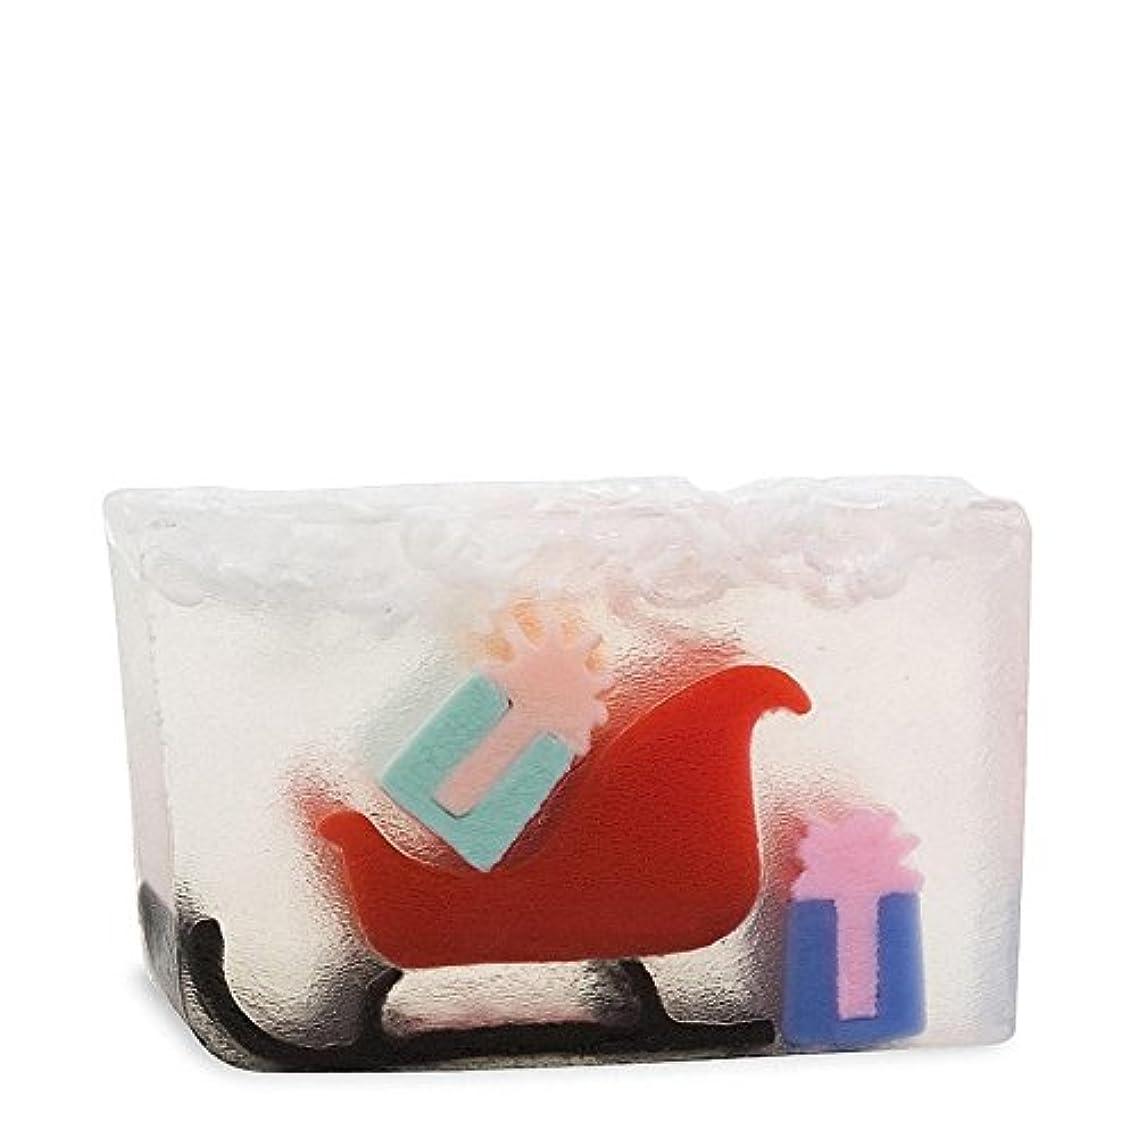 本質的に砂の本当に原始要素のサンタのそり x2 - Primal Elements Santas Sleigh (Pack of 2) [並行輸入品]